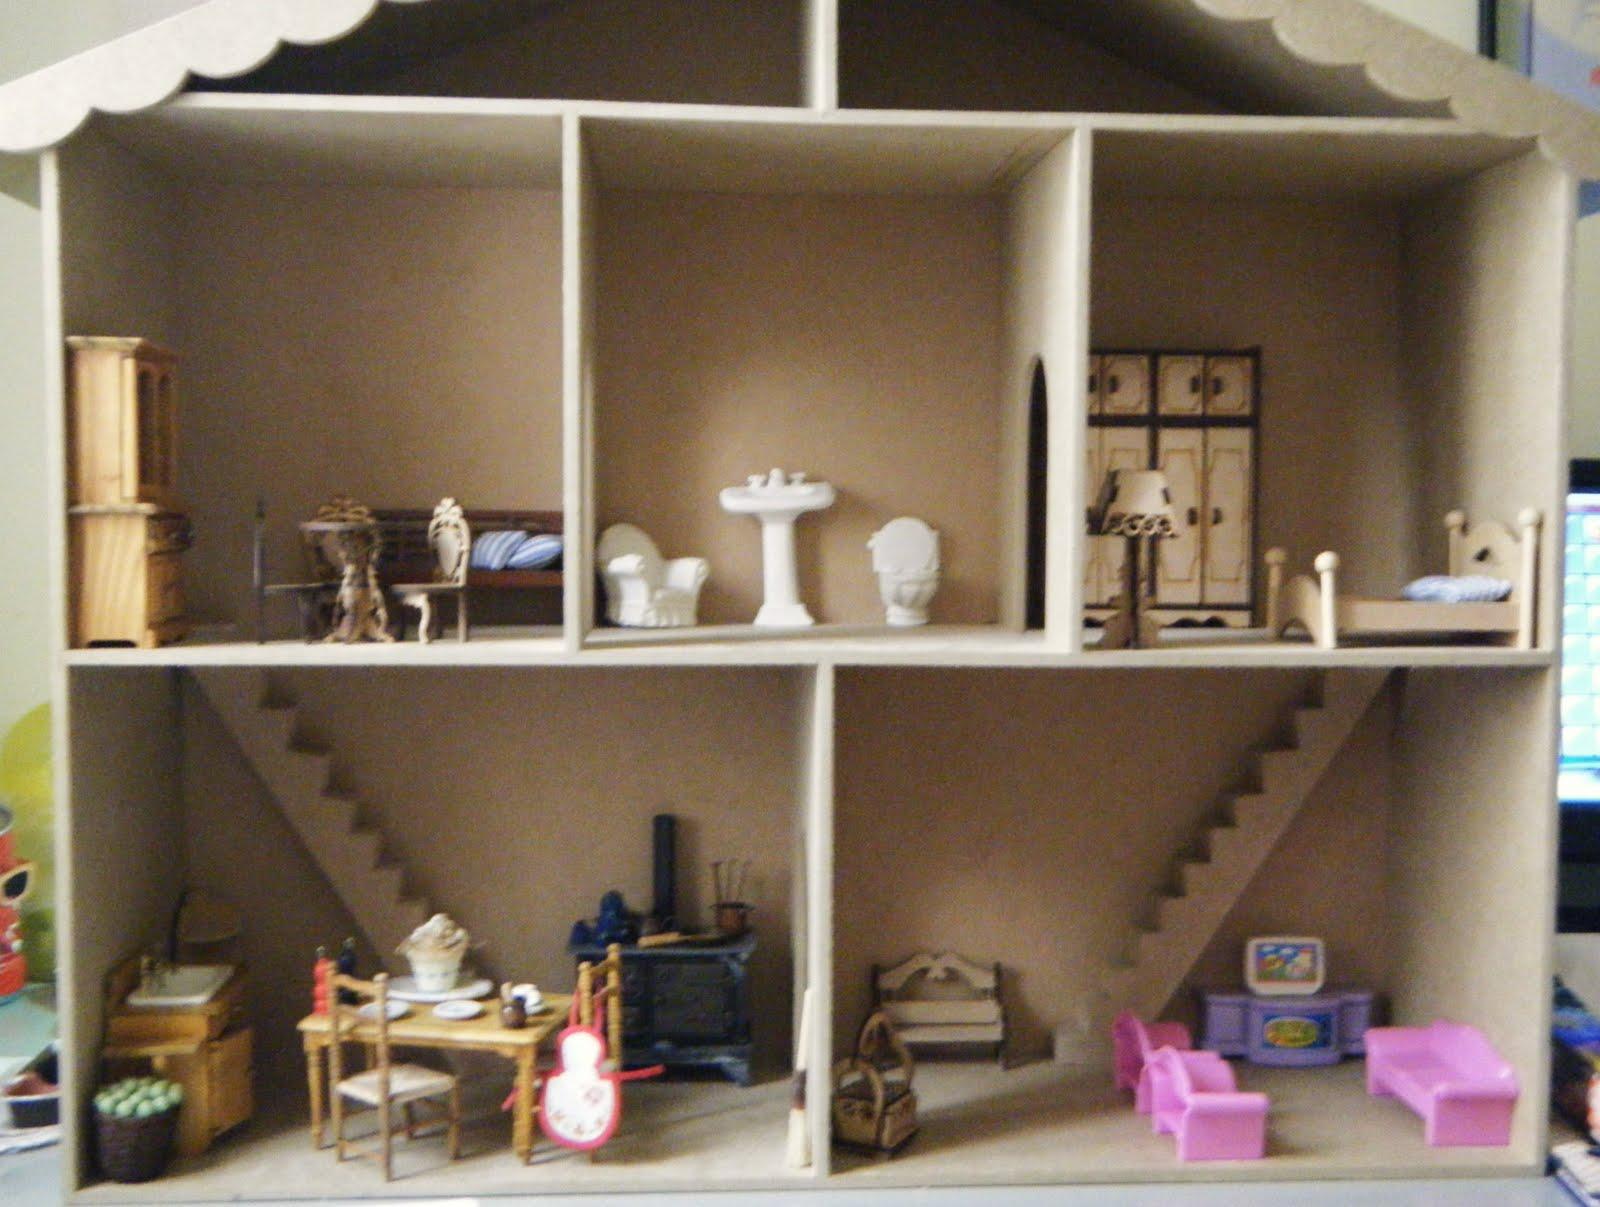 Vida Artesanato: Casinha de Bonecas que montei para a minha Malu #933884 1600x1207